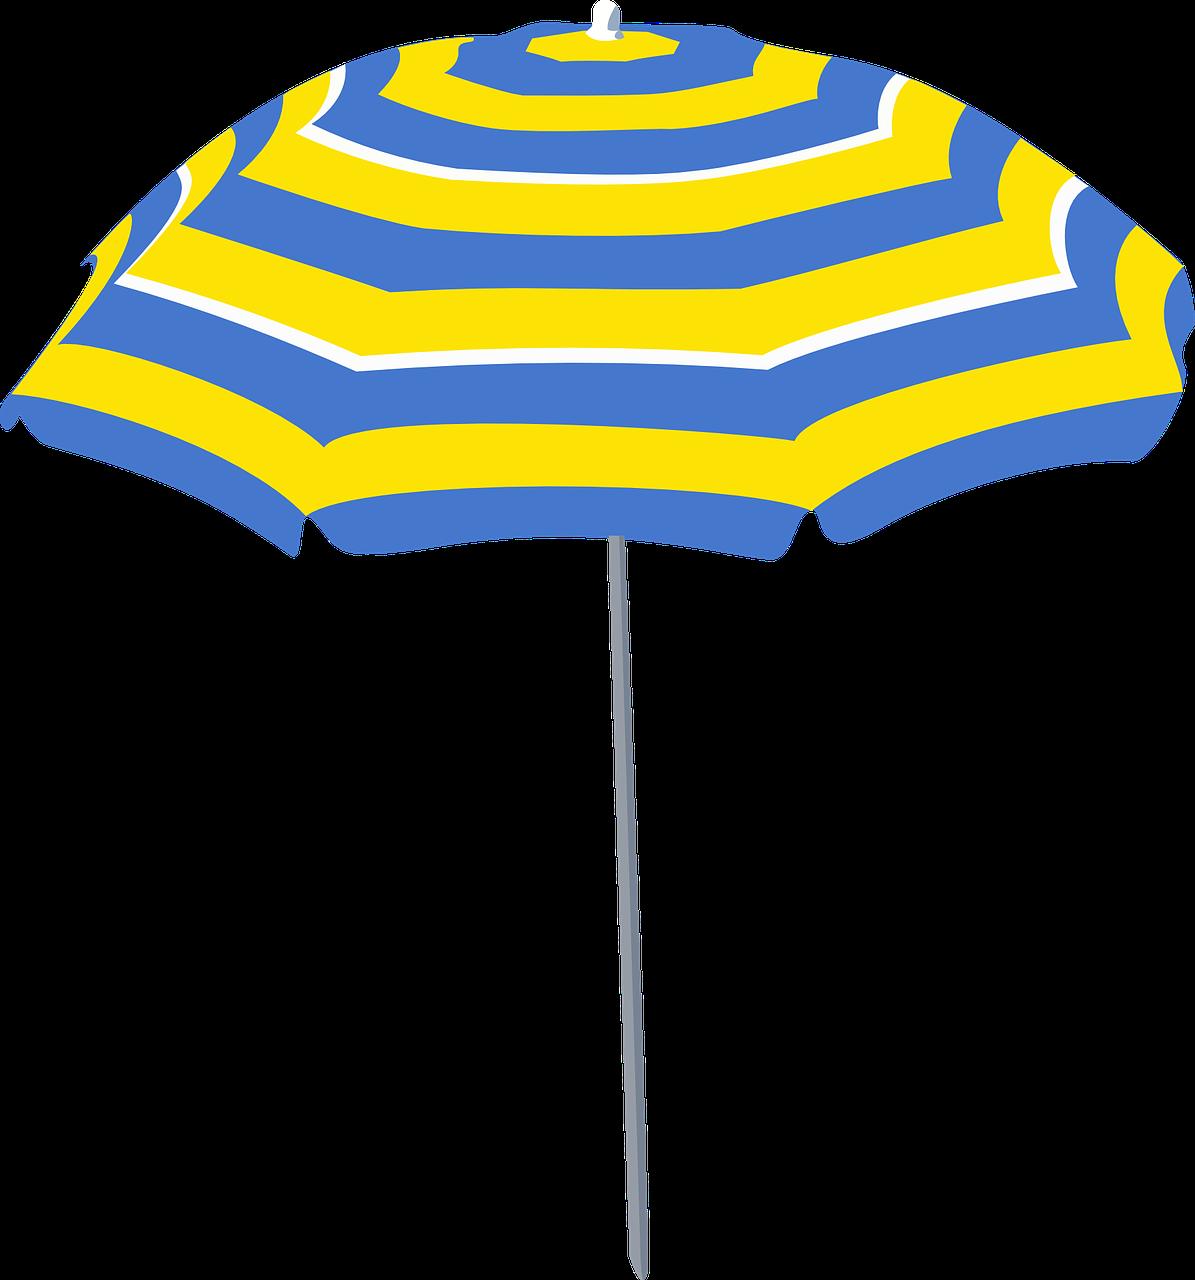 sonnenschirm regenschirm blau · kostenlose vektorgrafik